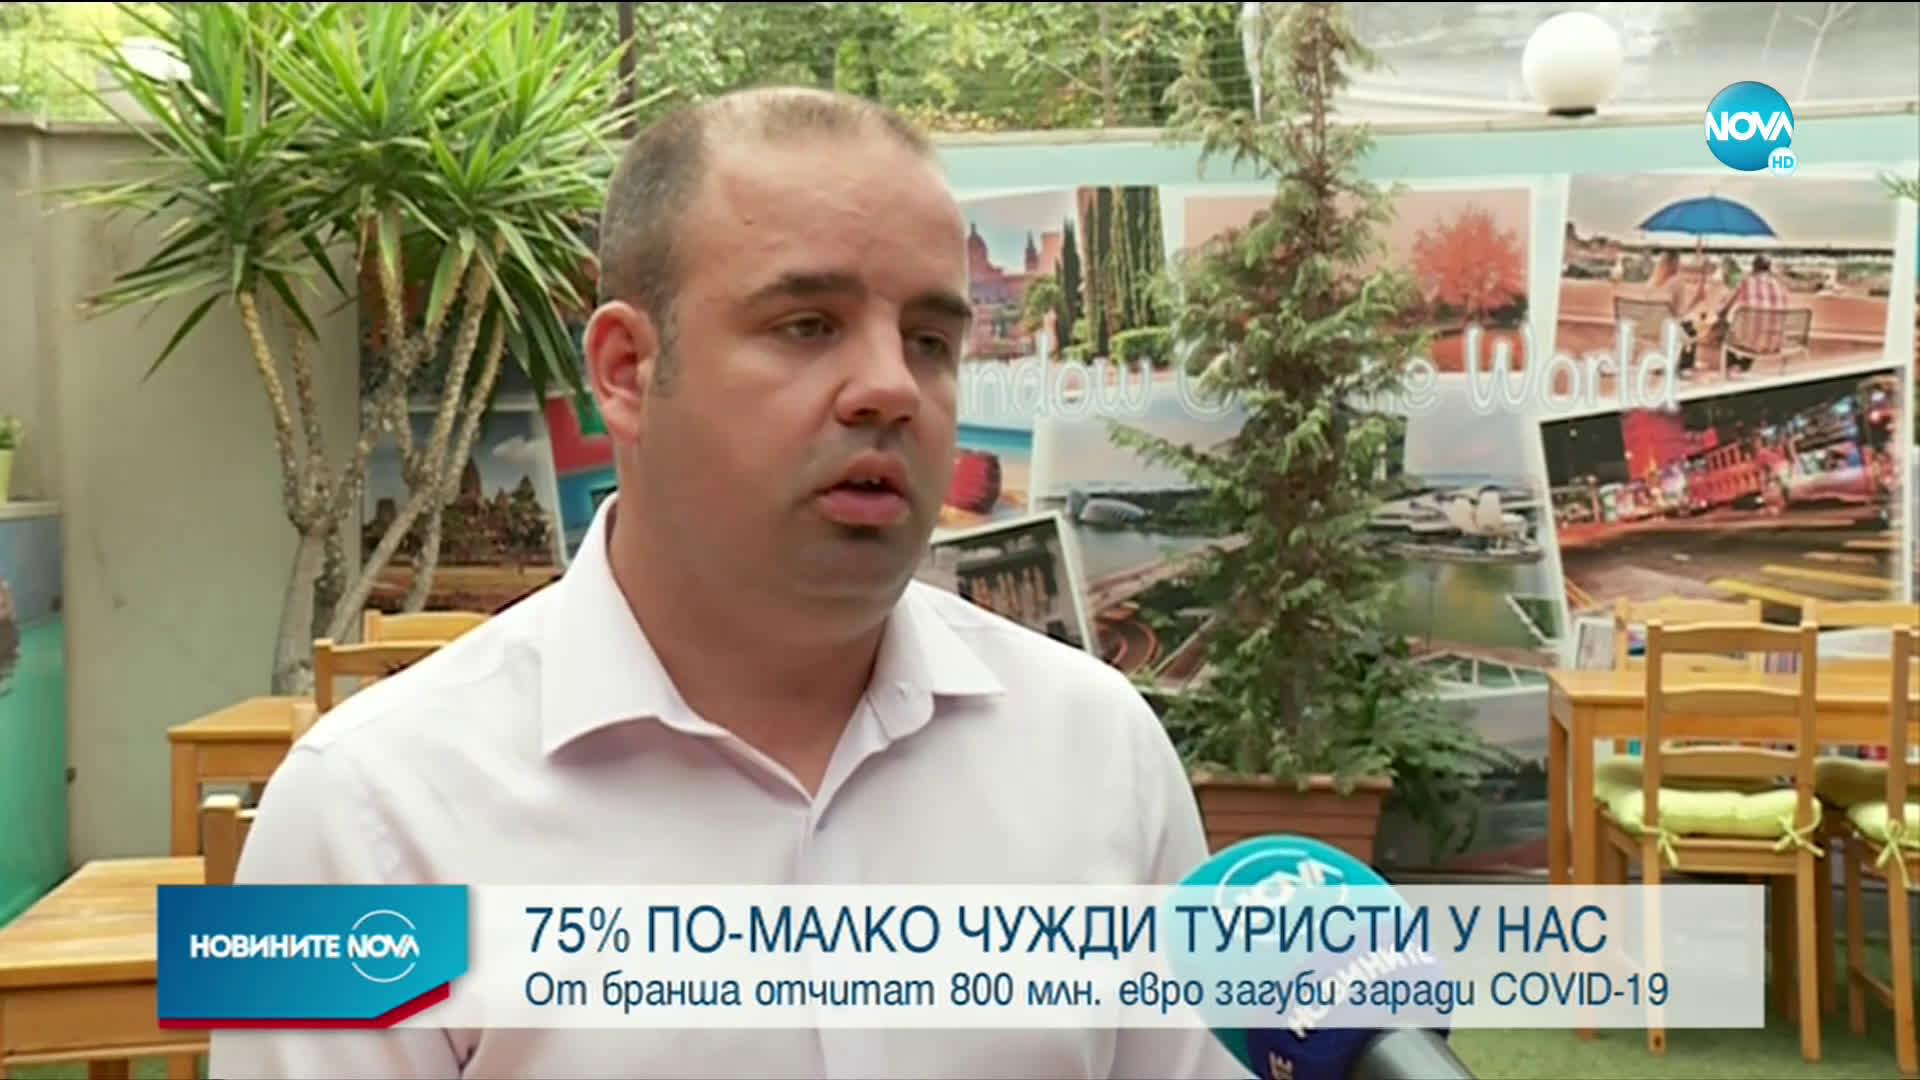 Отчитат 800 млн. евро загуби в туризма заради COVID-19